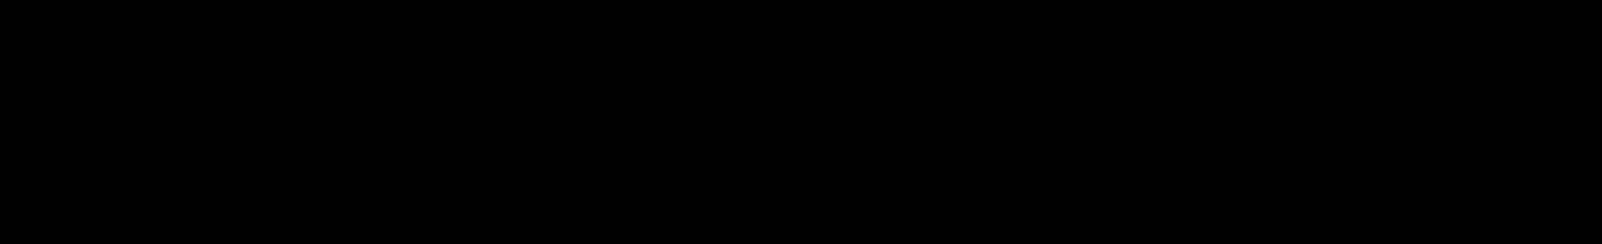 ايس.ايس امرگل | ssamargul